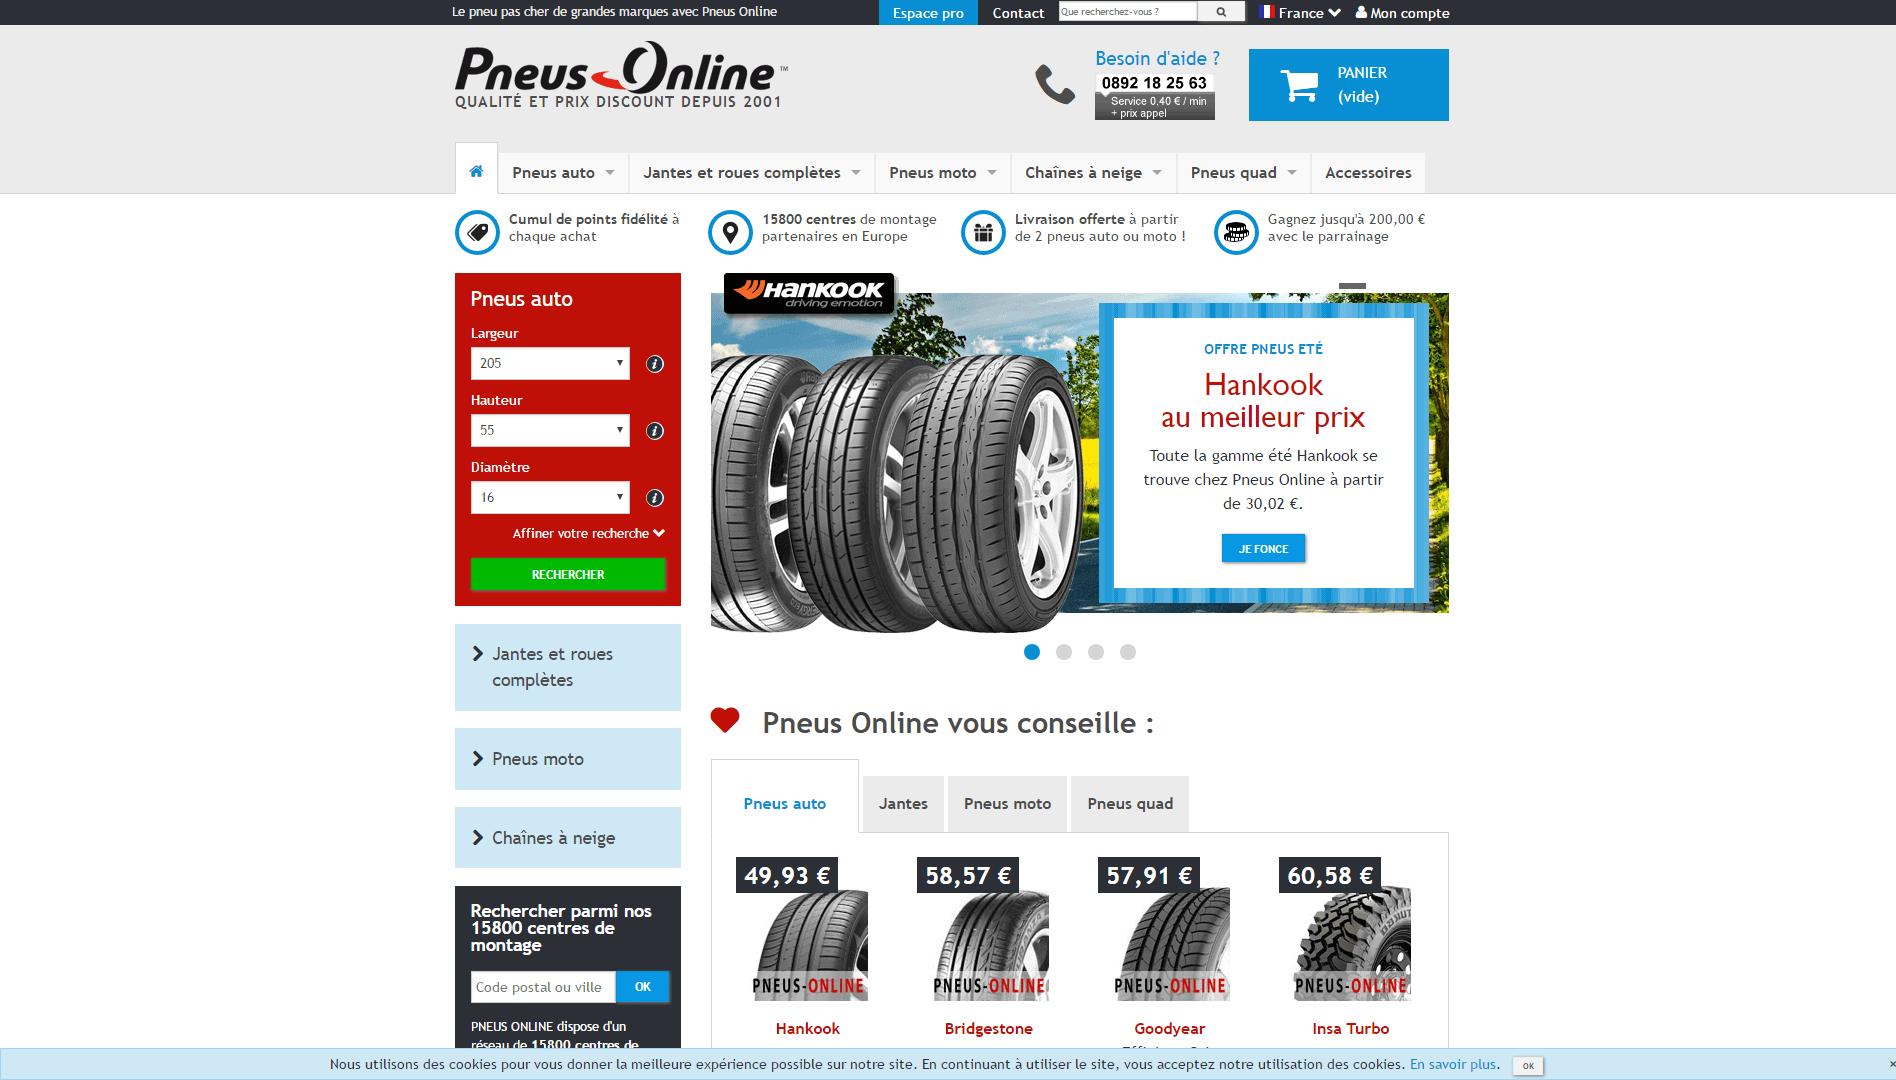 Page d'accueil du site Pneus Online.